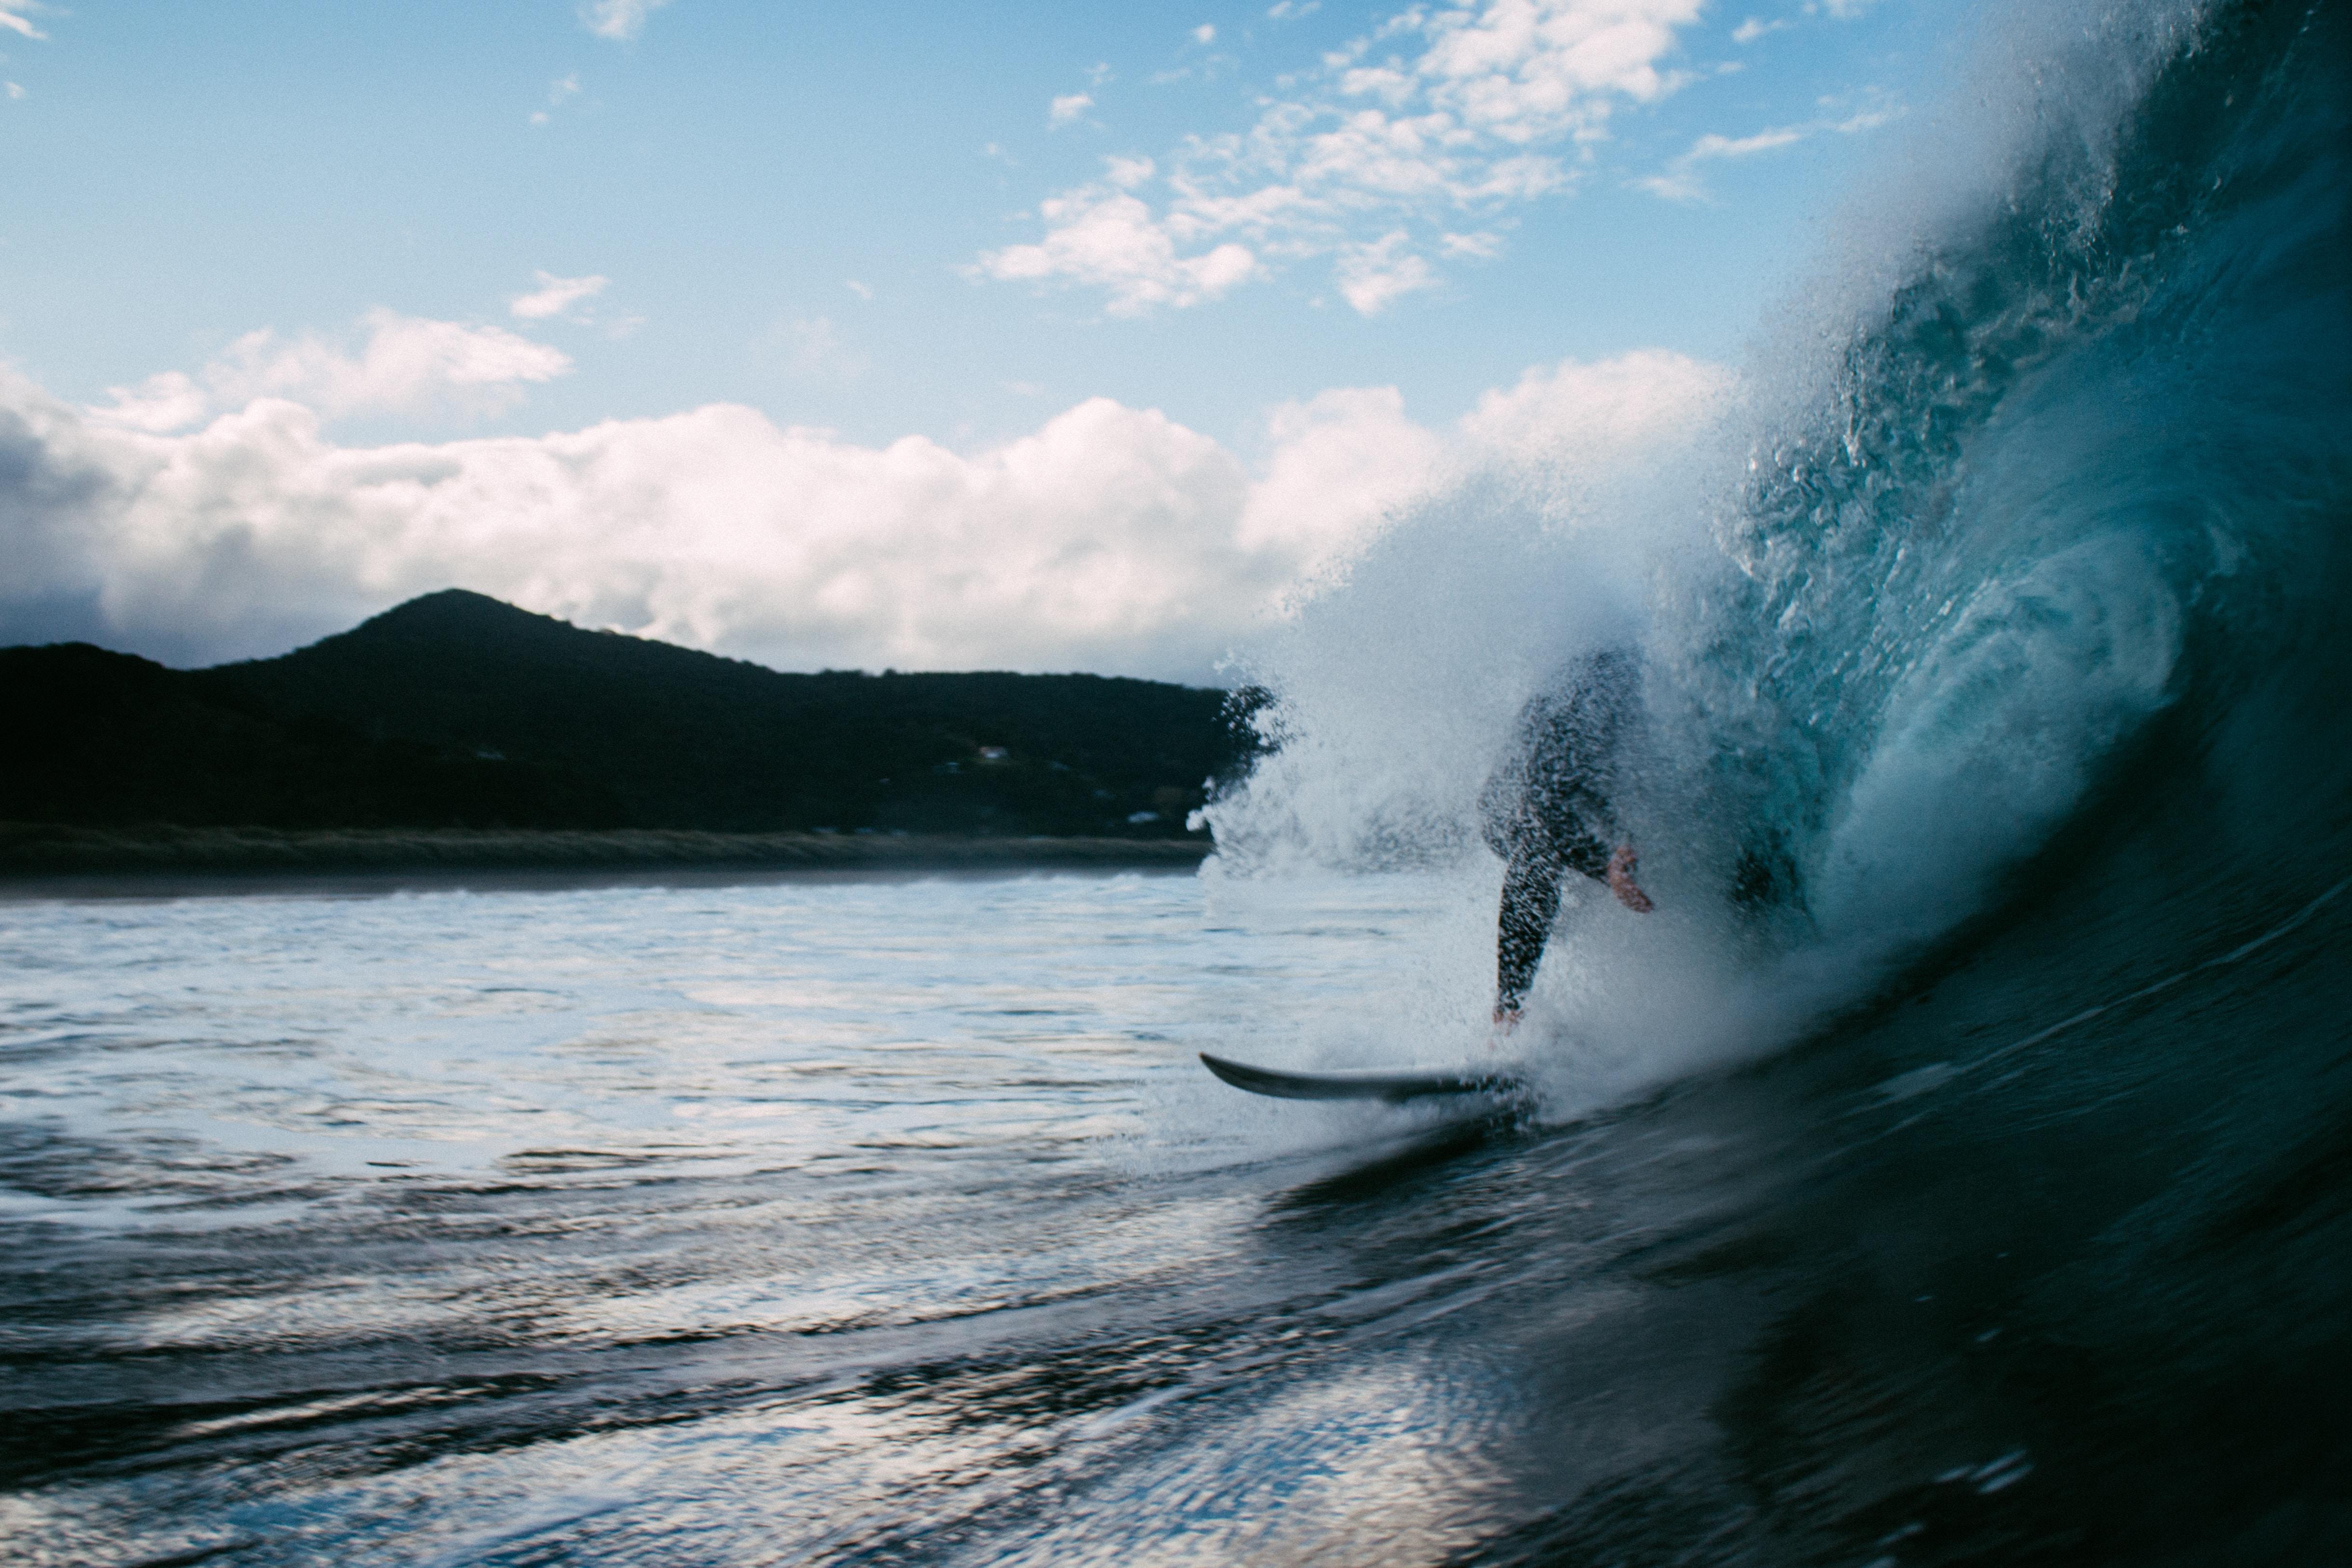 surfer surfing on tidal wave